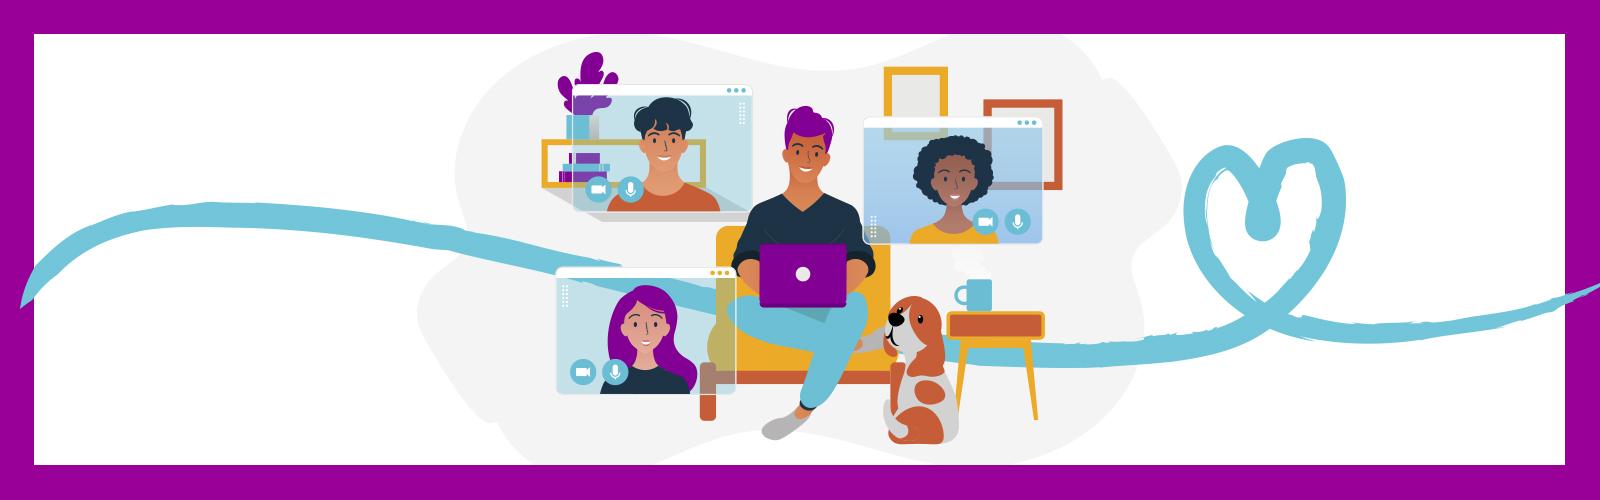 A imagem é uma animação colorida com o desenho de um rapaz sentado ao centro e atrás dele três telas com o rosto de outras pessoas simulando uma videoconferência. Há um cachorro sentado ao lado dele.